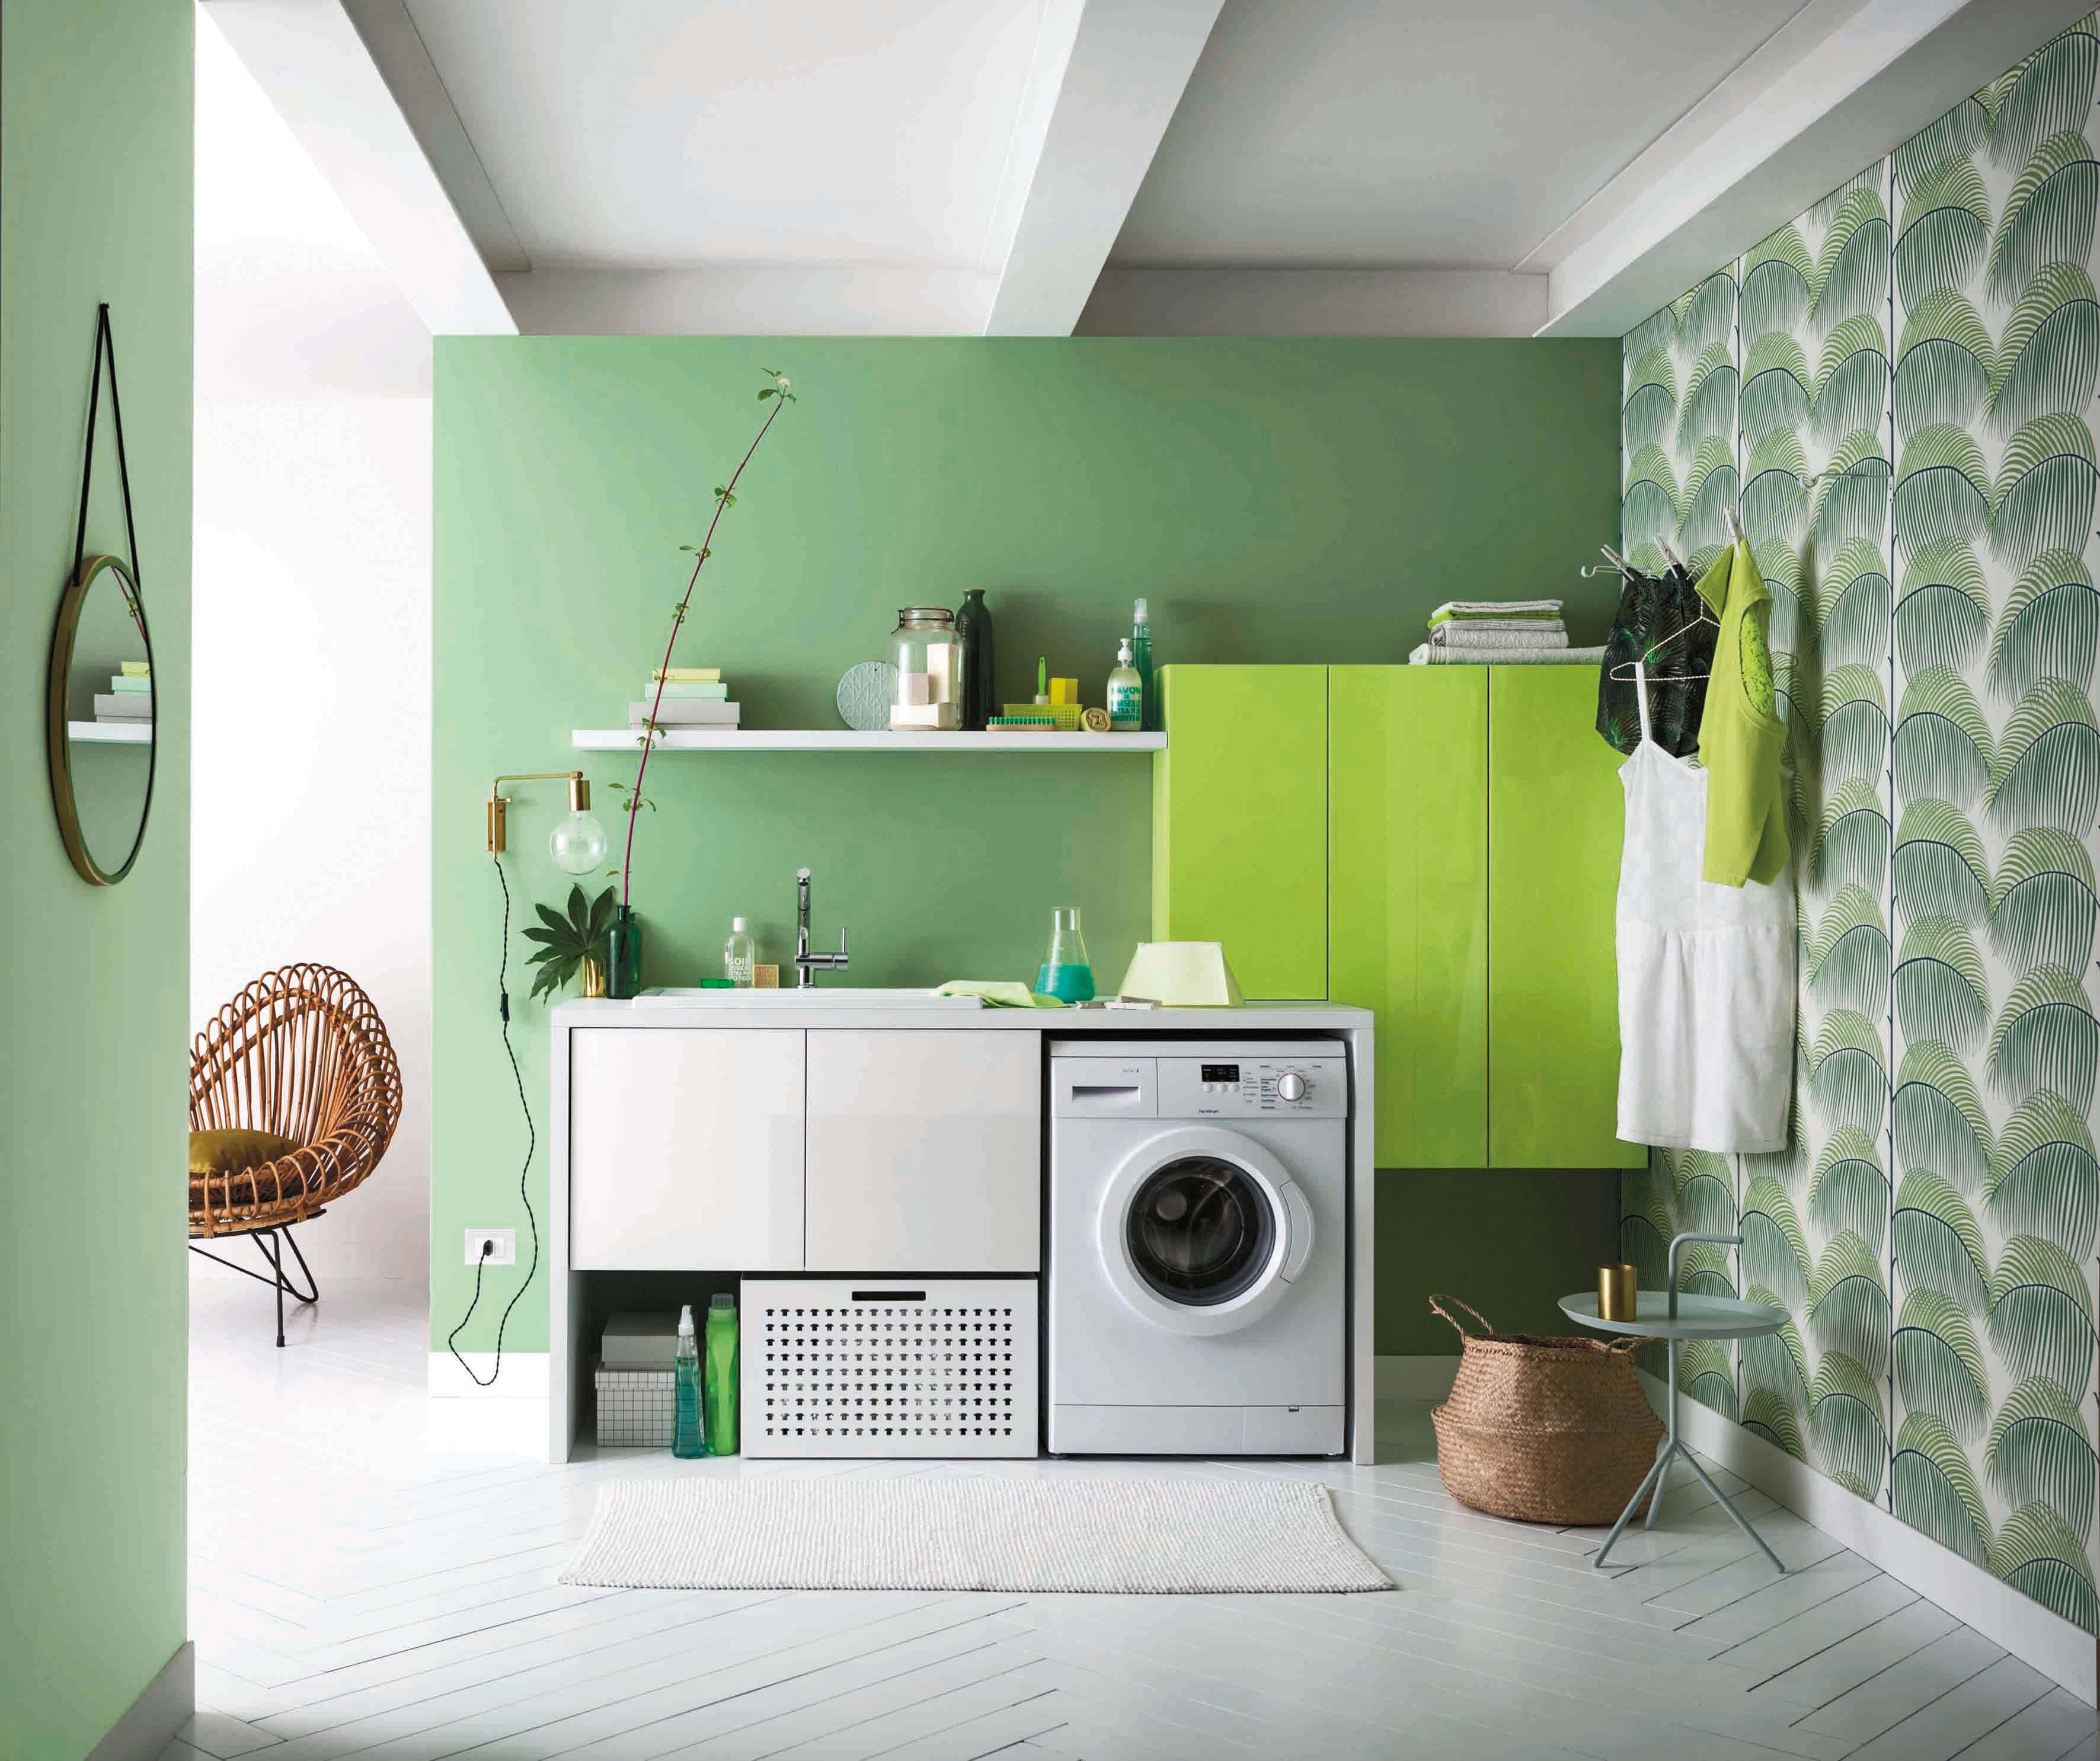 Lavatrice Ed Asciugatrice Sovrapposte lavanderia chic: 35 idee per organizzarla